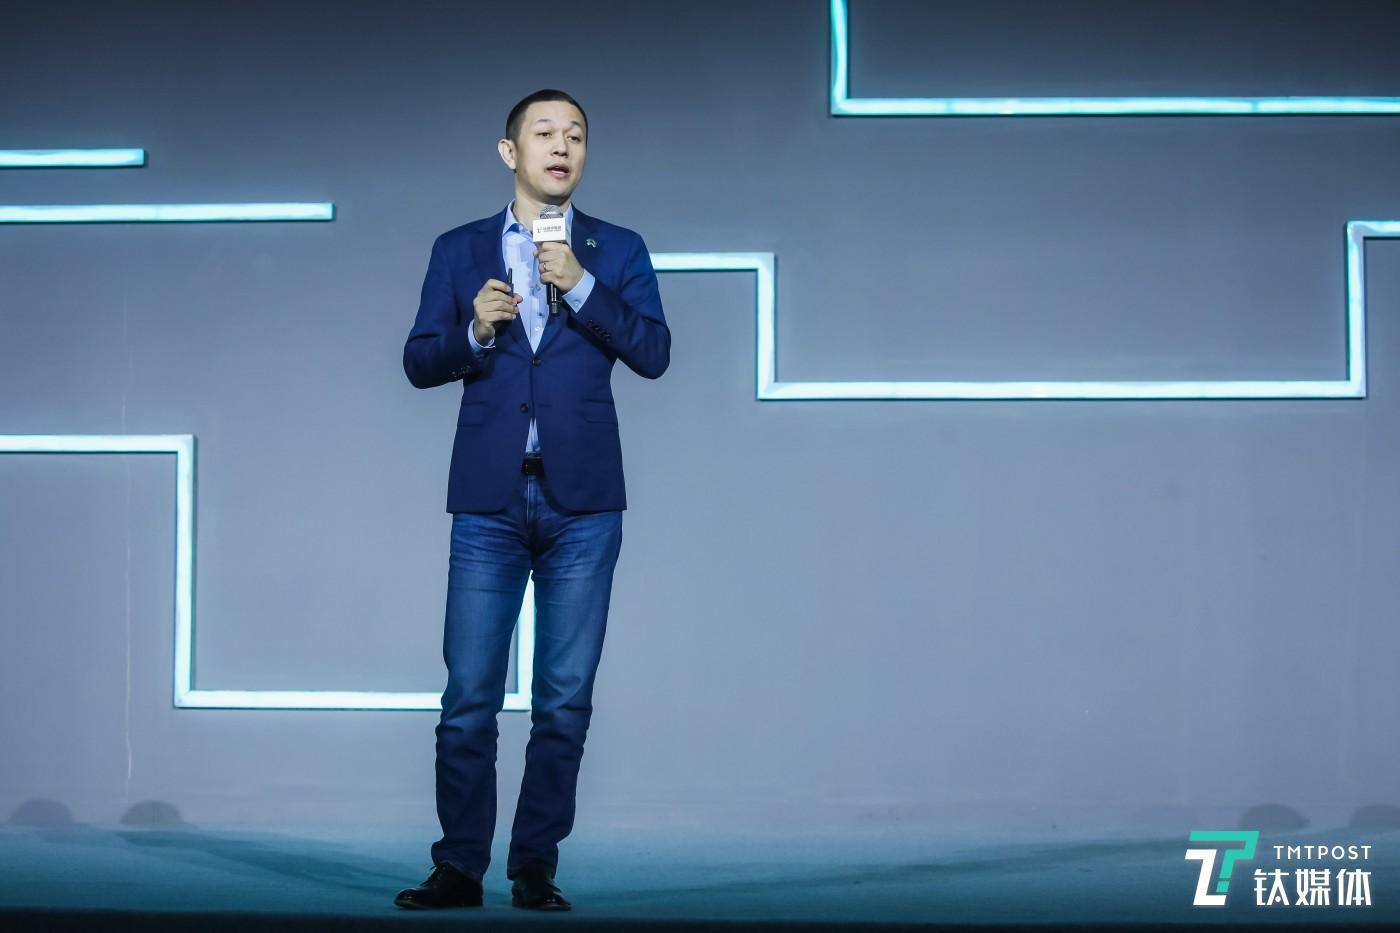 """12月6日,北京大兴星光视界中心,由钛媒体主办的2019T-EDGE全球创新大会上,蔚来汽车创始人兼董事长李斌发表演讲。蔚来汽车的2019年是如""""寒冬""""般的一年,销售量下降、连续亏损、股价下跌、高管离职,又遇到国内电动汽车补贴收紧,李斌被媒体称为""""2019年最惨的人""""。"""